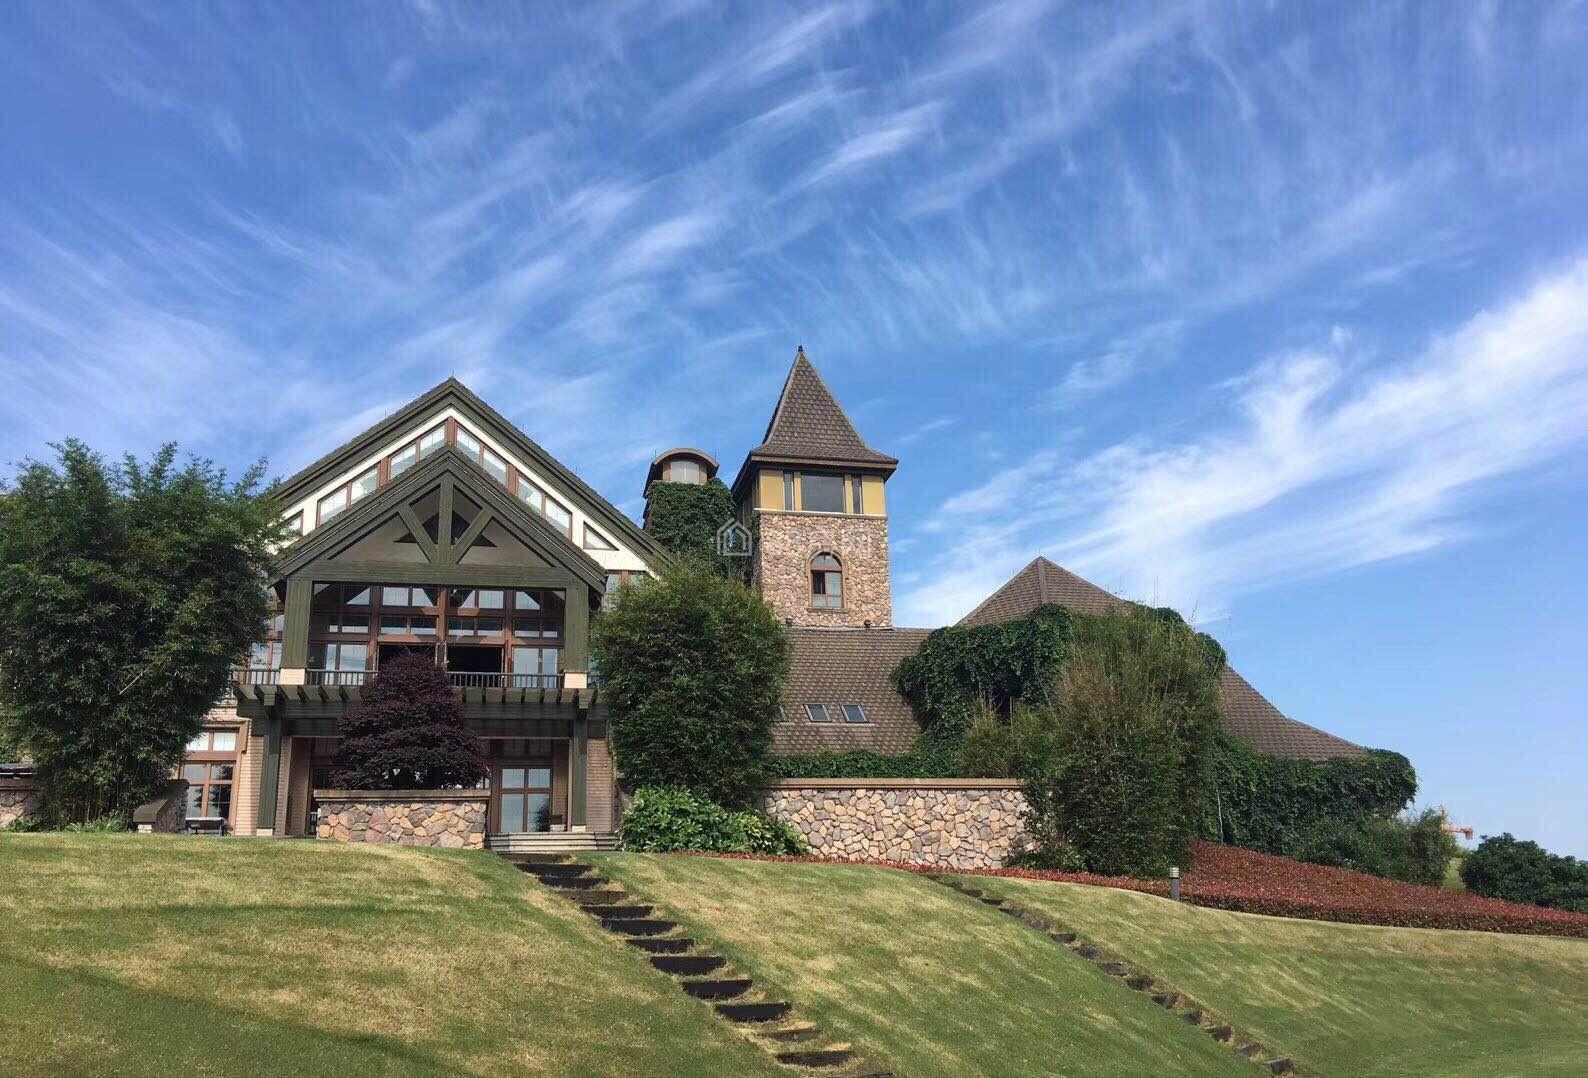 世界上最好的别墅不在半山就在高尔夫球场绿城龙 王溪